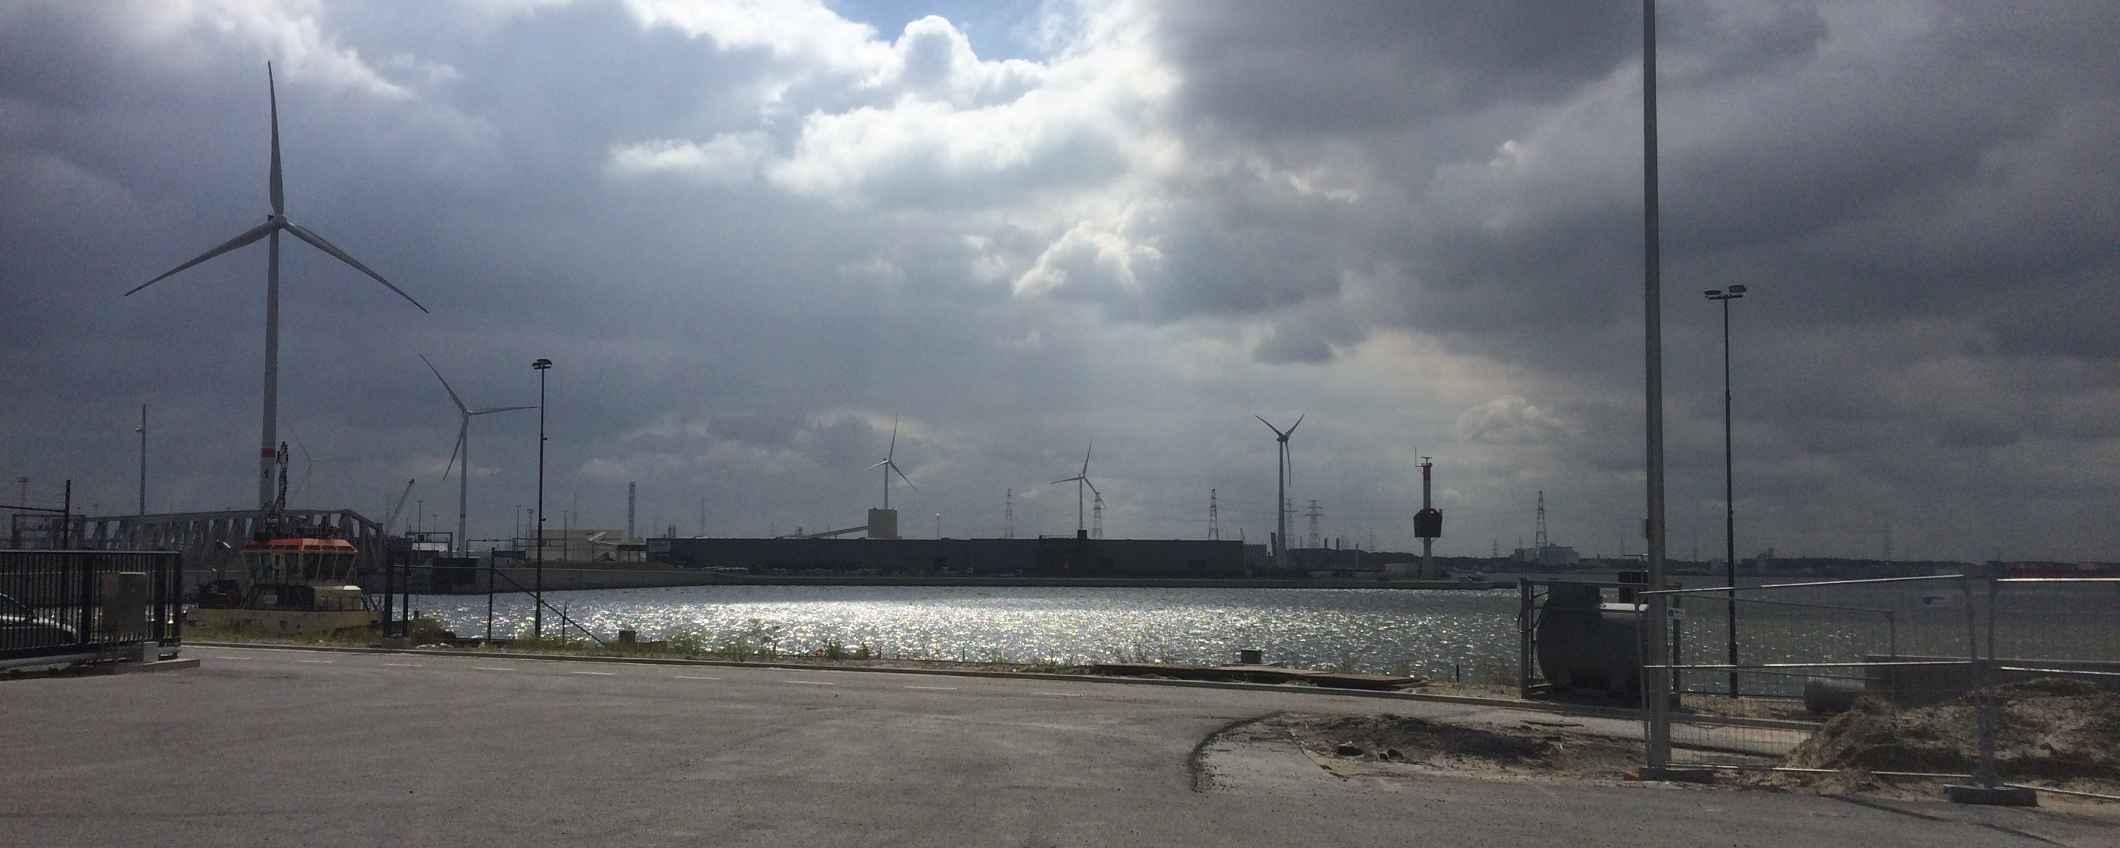 Cinq éoliennes supplémentaires sur la rive du port d'Anvers